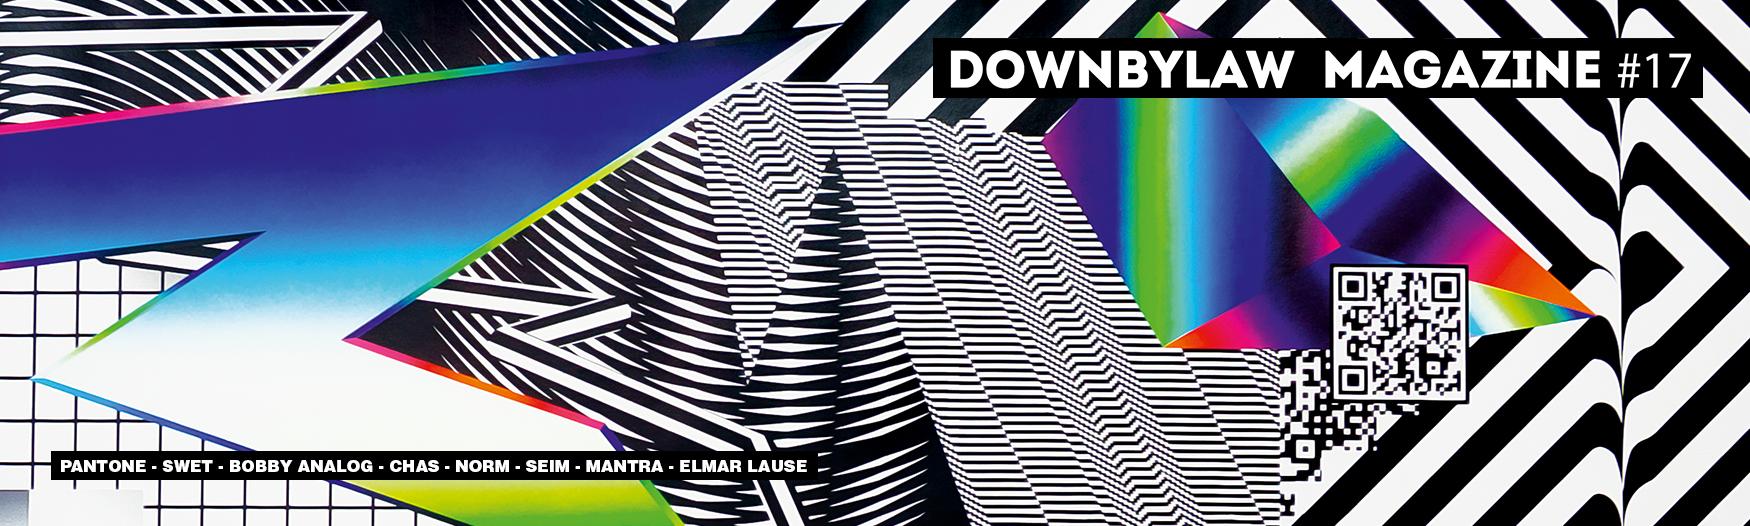 Downbylaw_magazine_17_graffiti_art